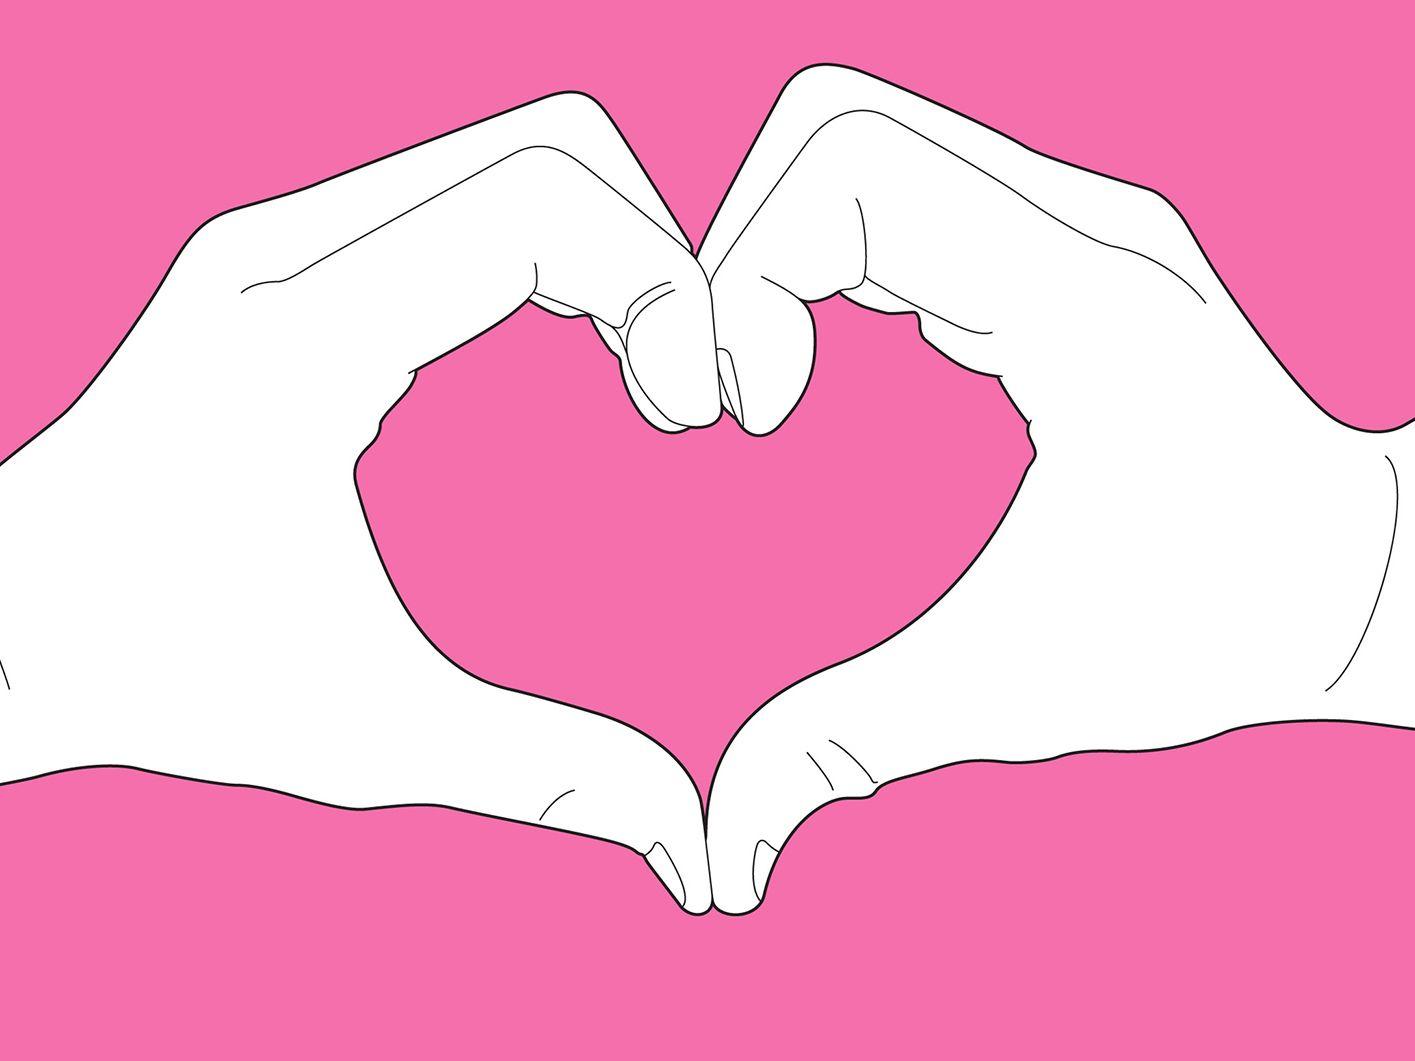 Картинки сердца из рук для срисовки, фотографии сделать картинку